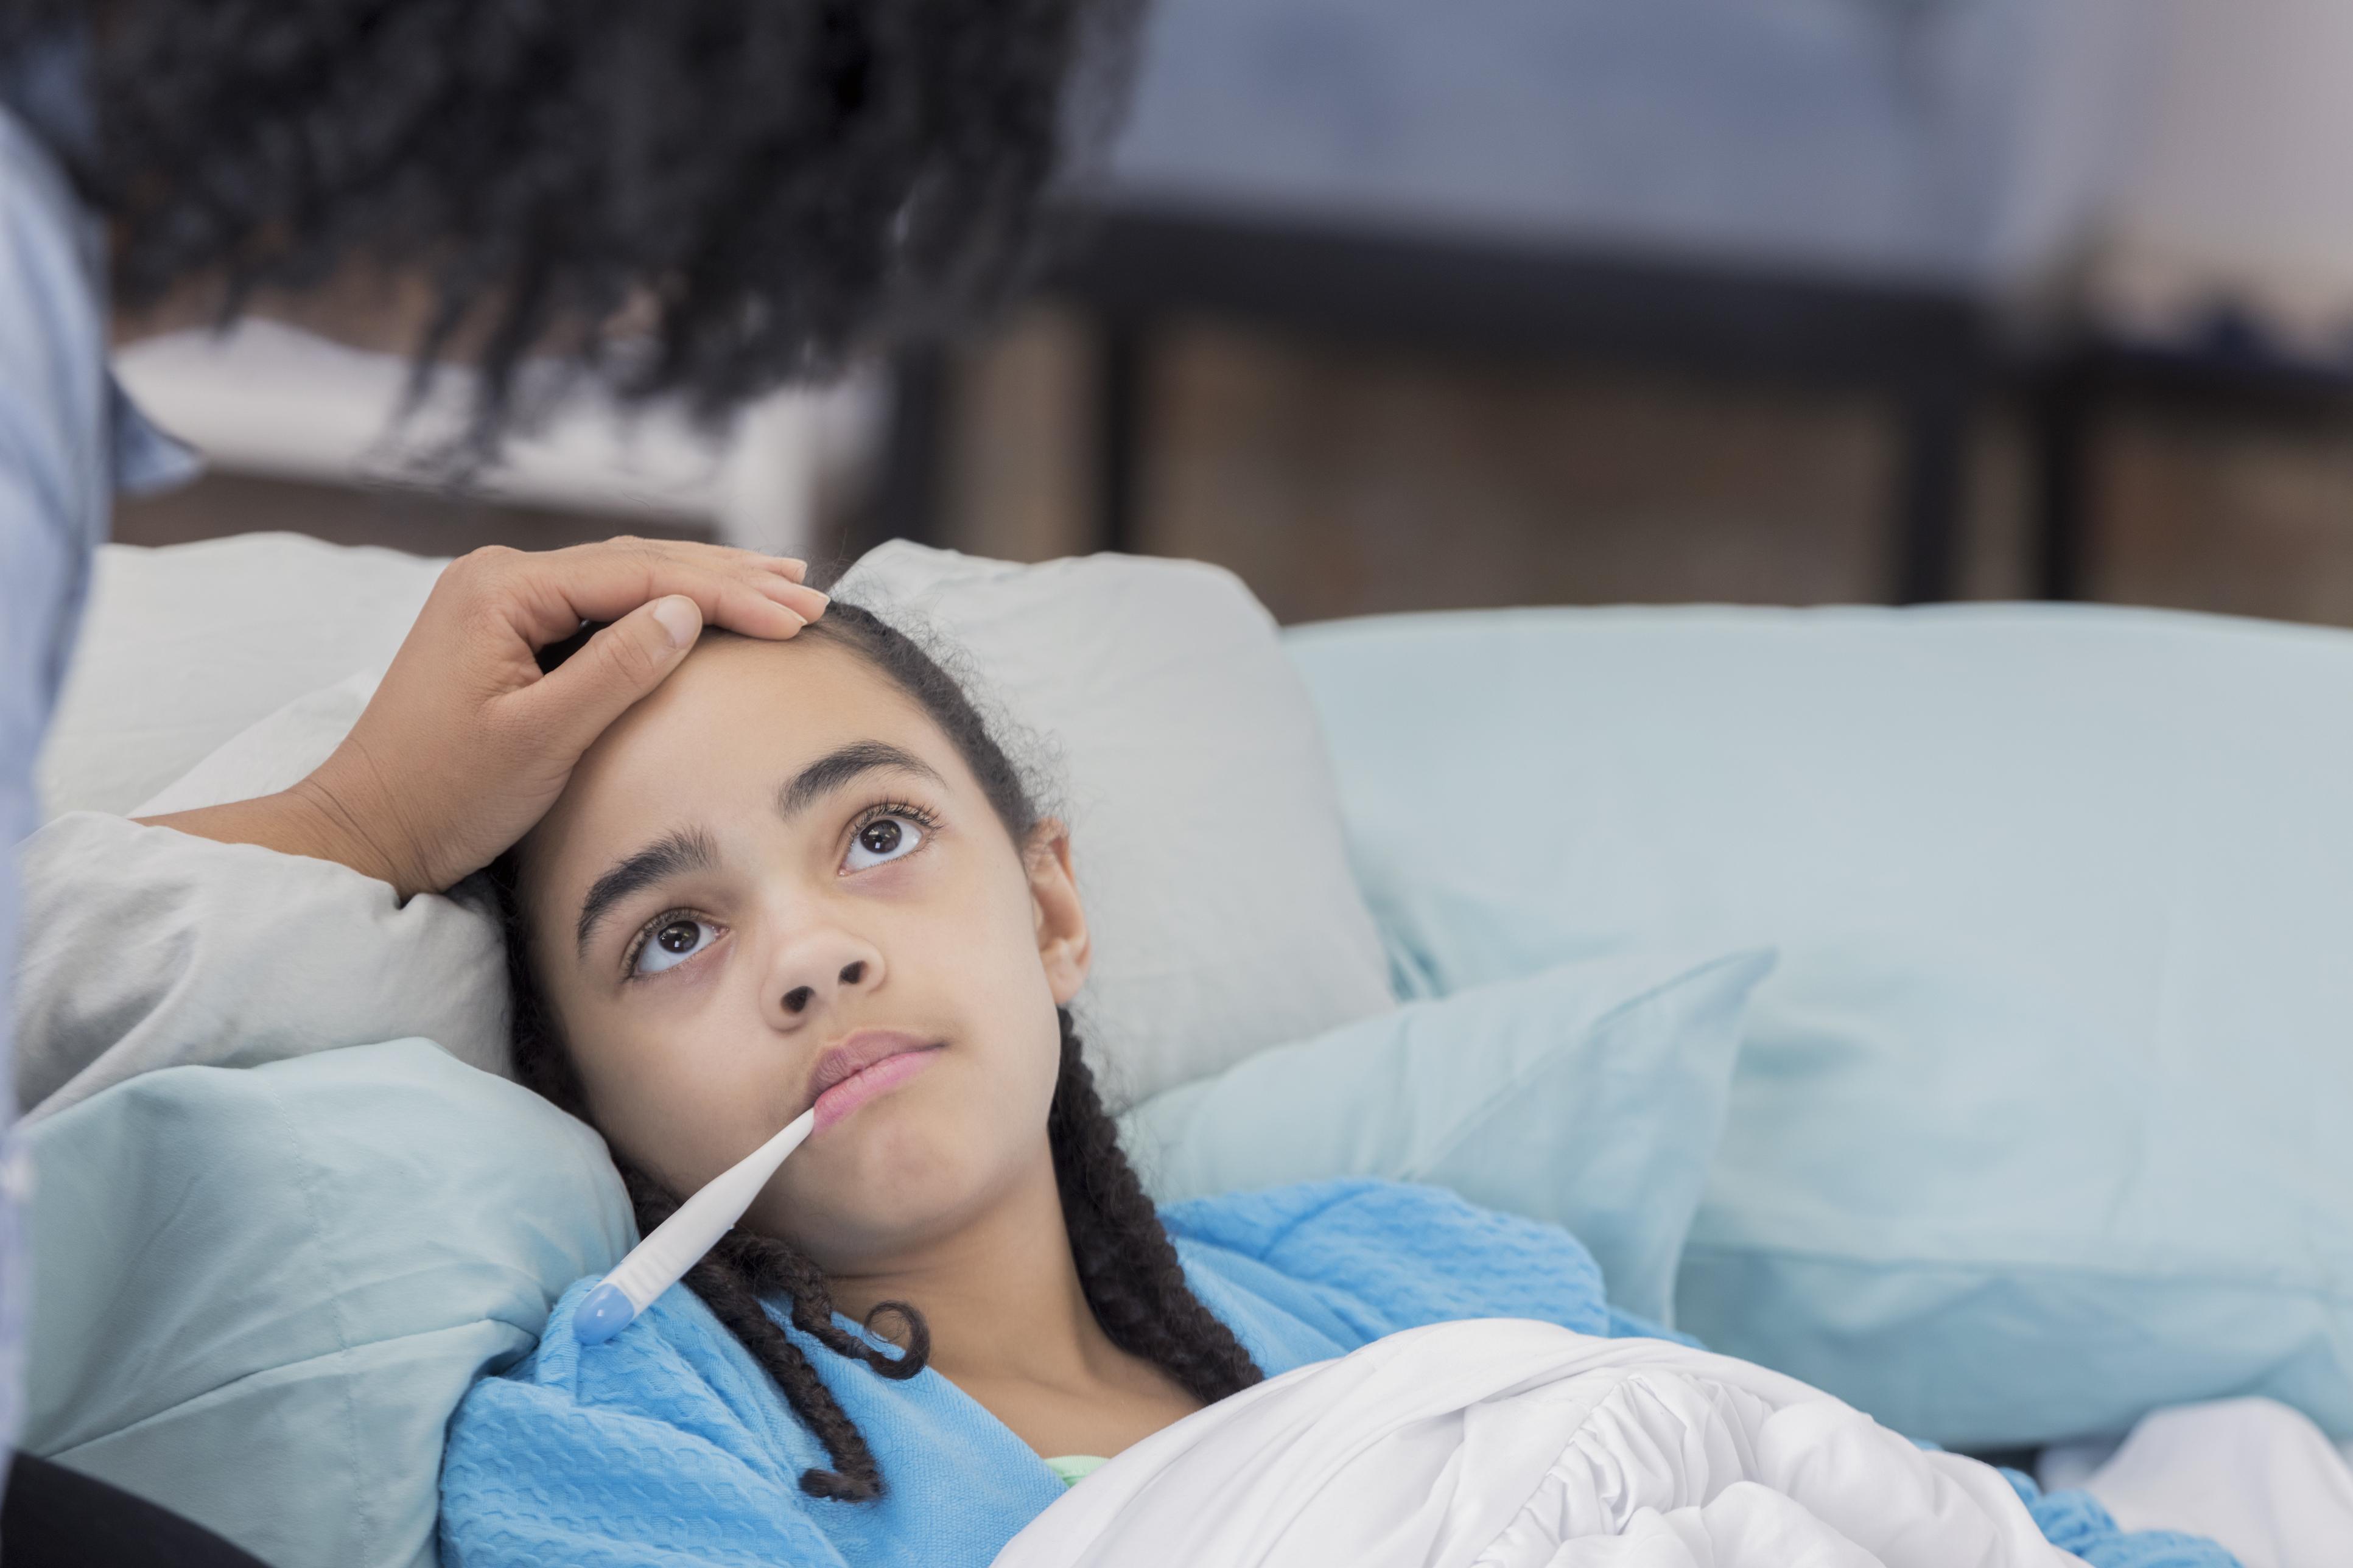 Que medicamento es mejor para bajar la fiebre en ninos